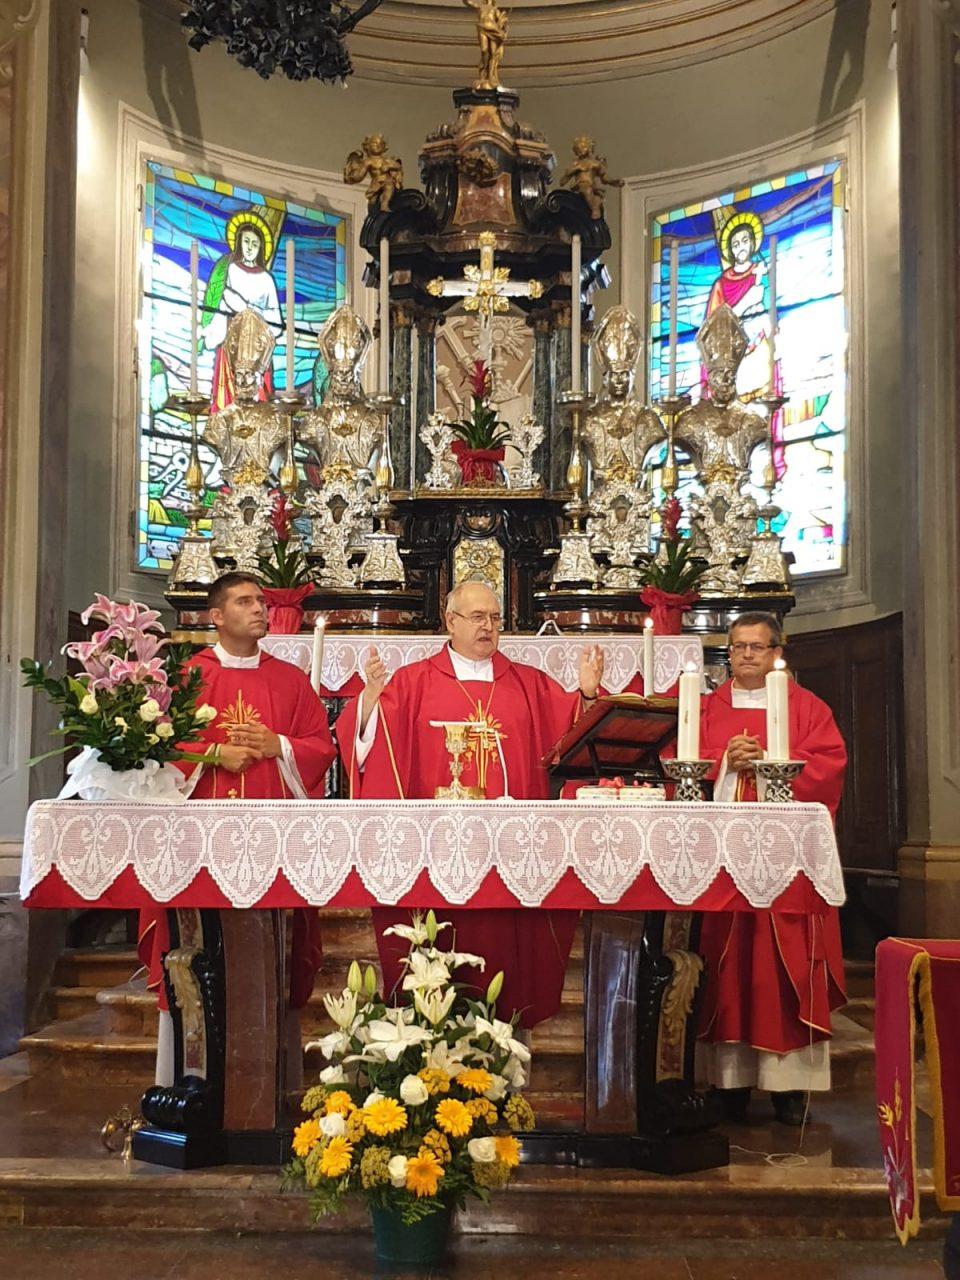 bancarelle e devozione a sant